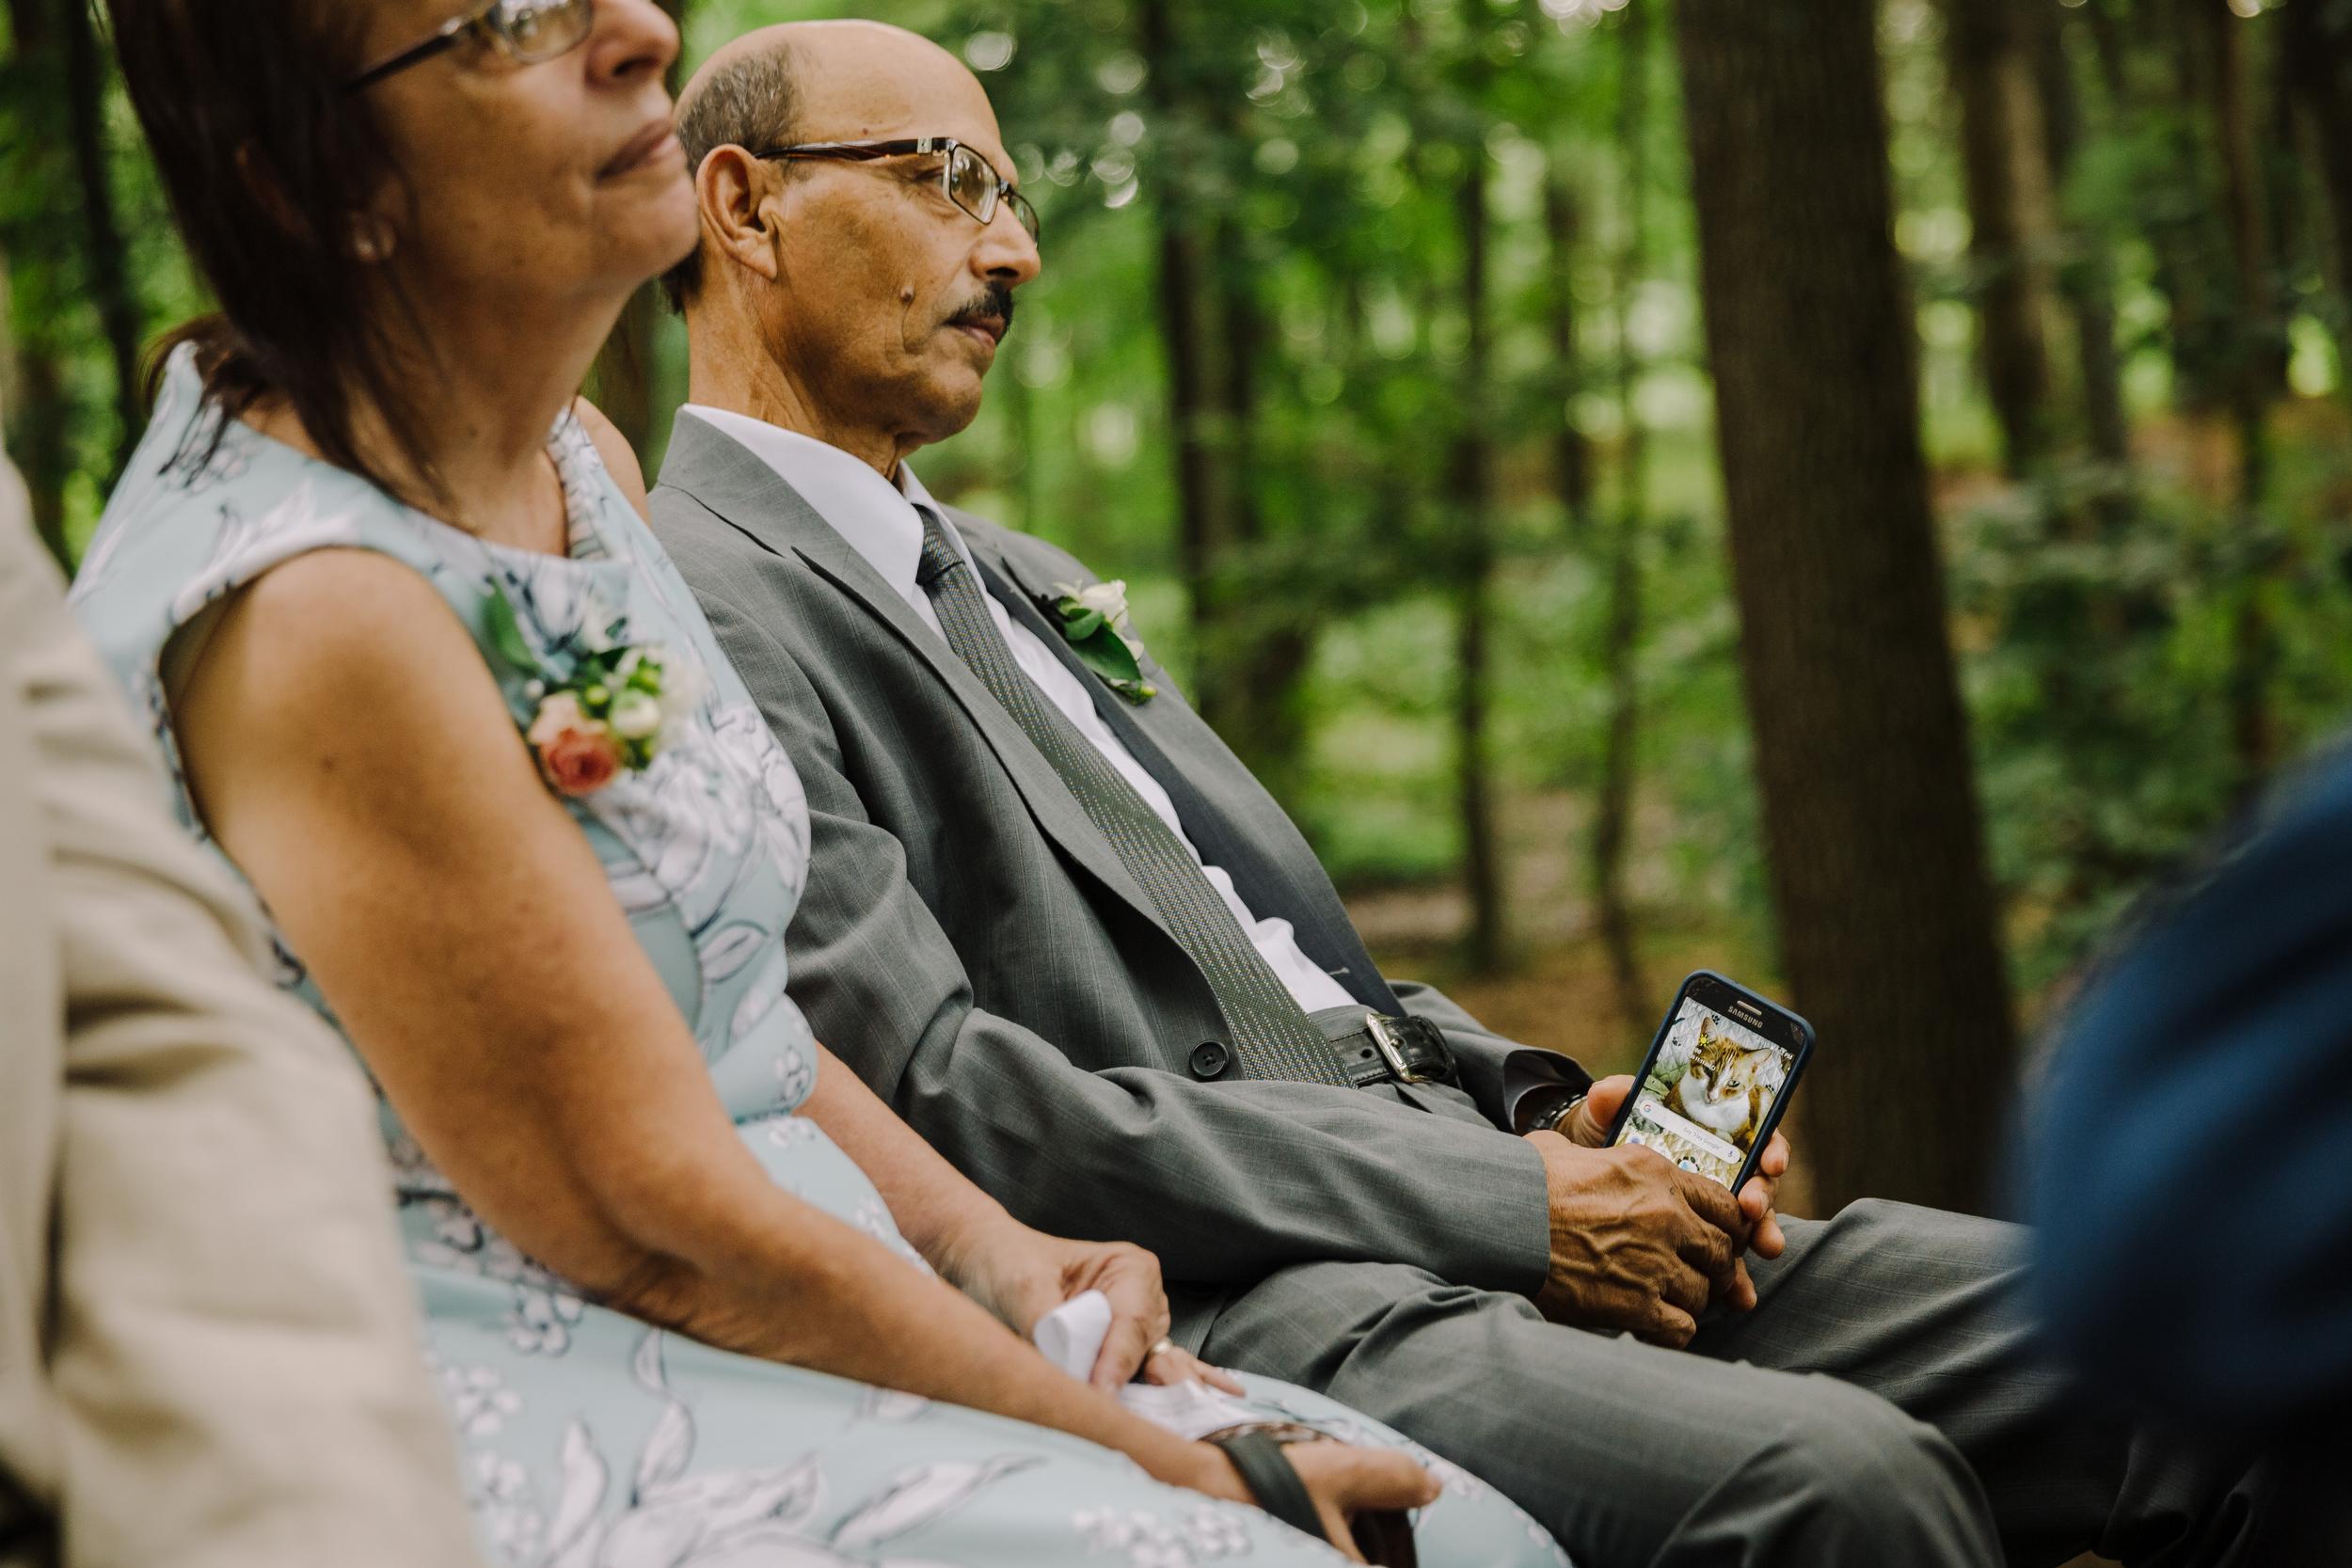 capecod_backyard_wedding_photos_mikhail_23.JPG